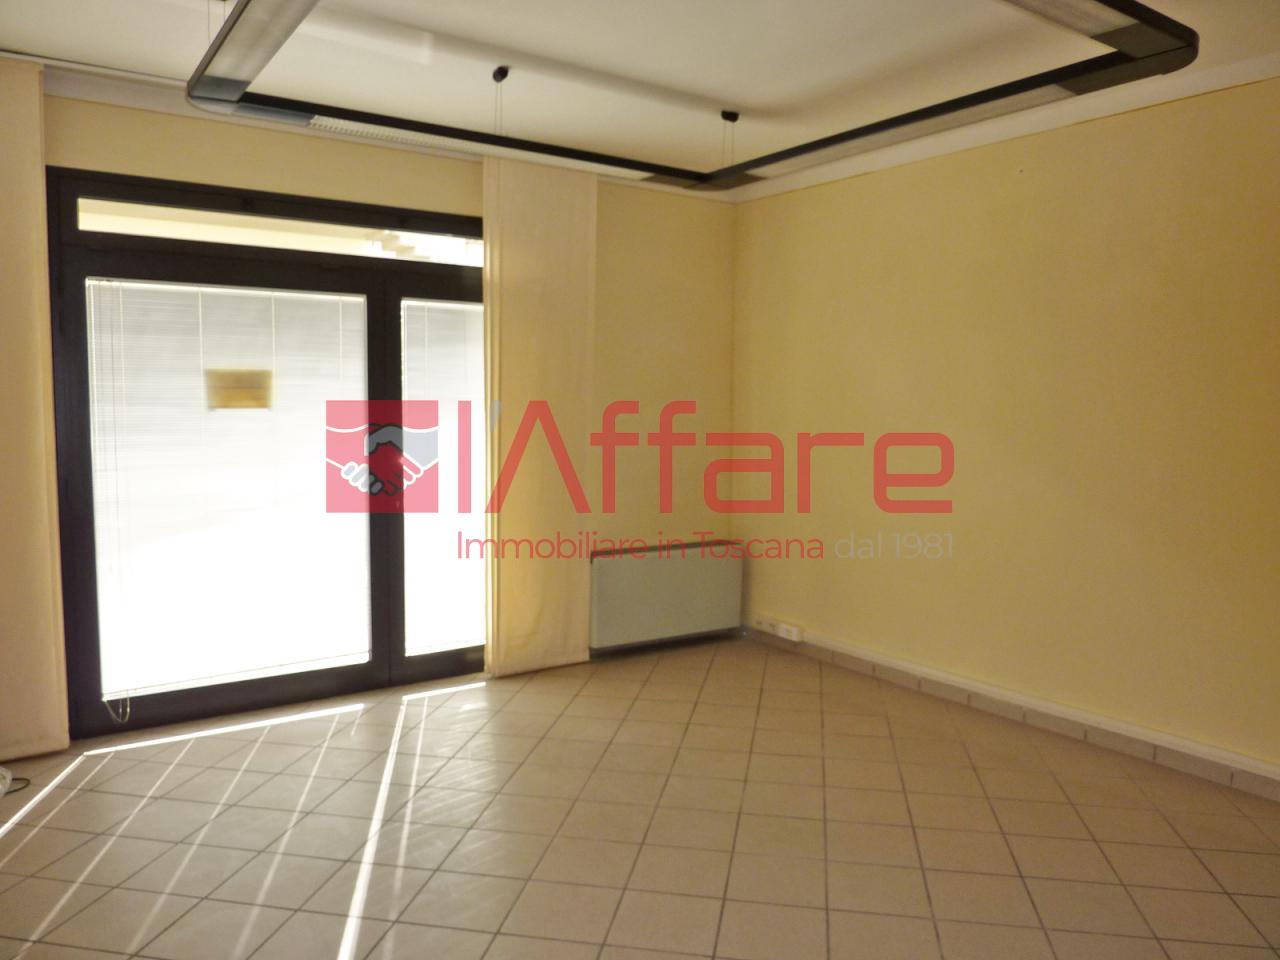 Ufficio in affitto a Montecatini-Terme